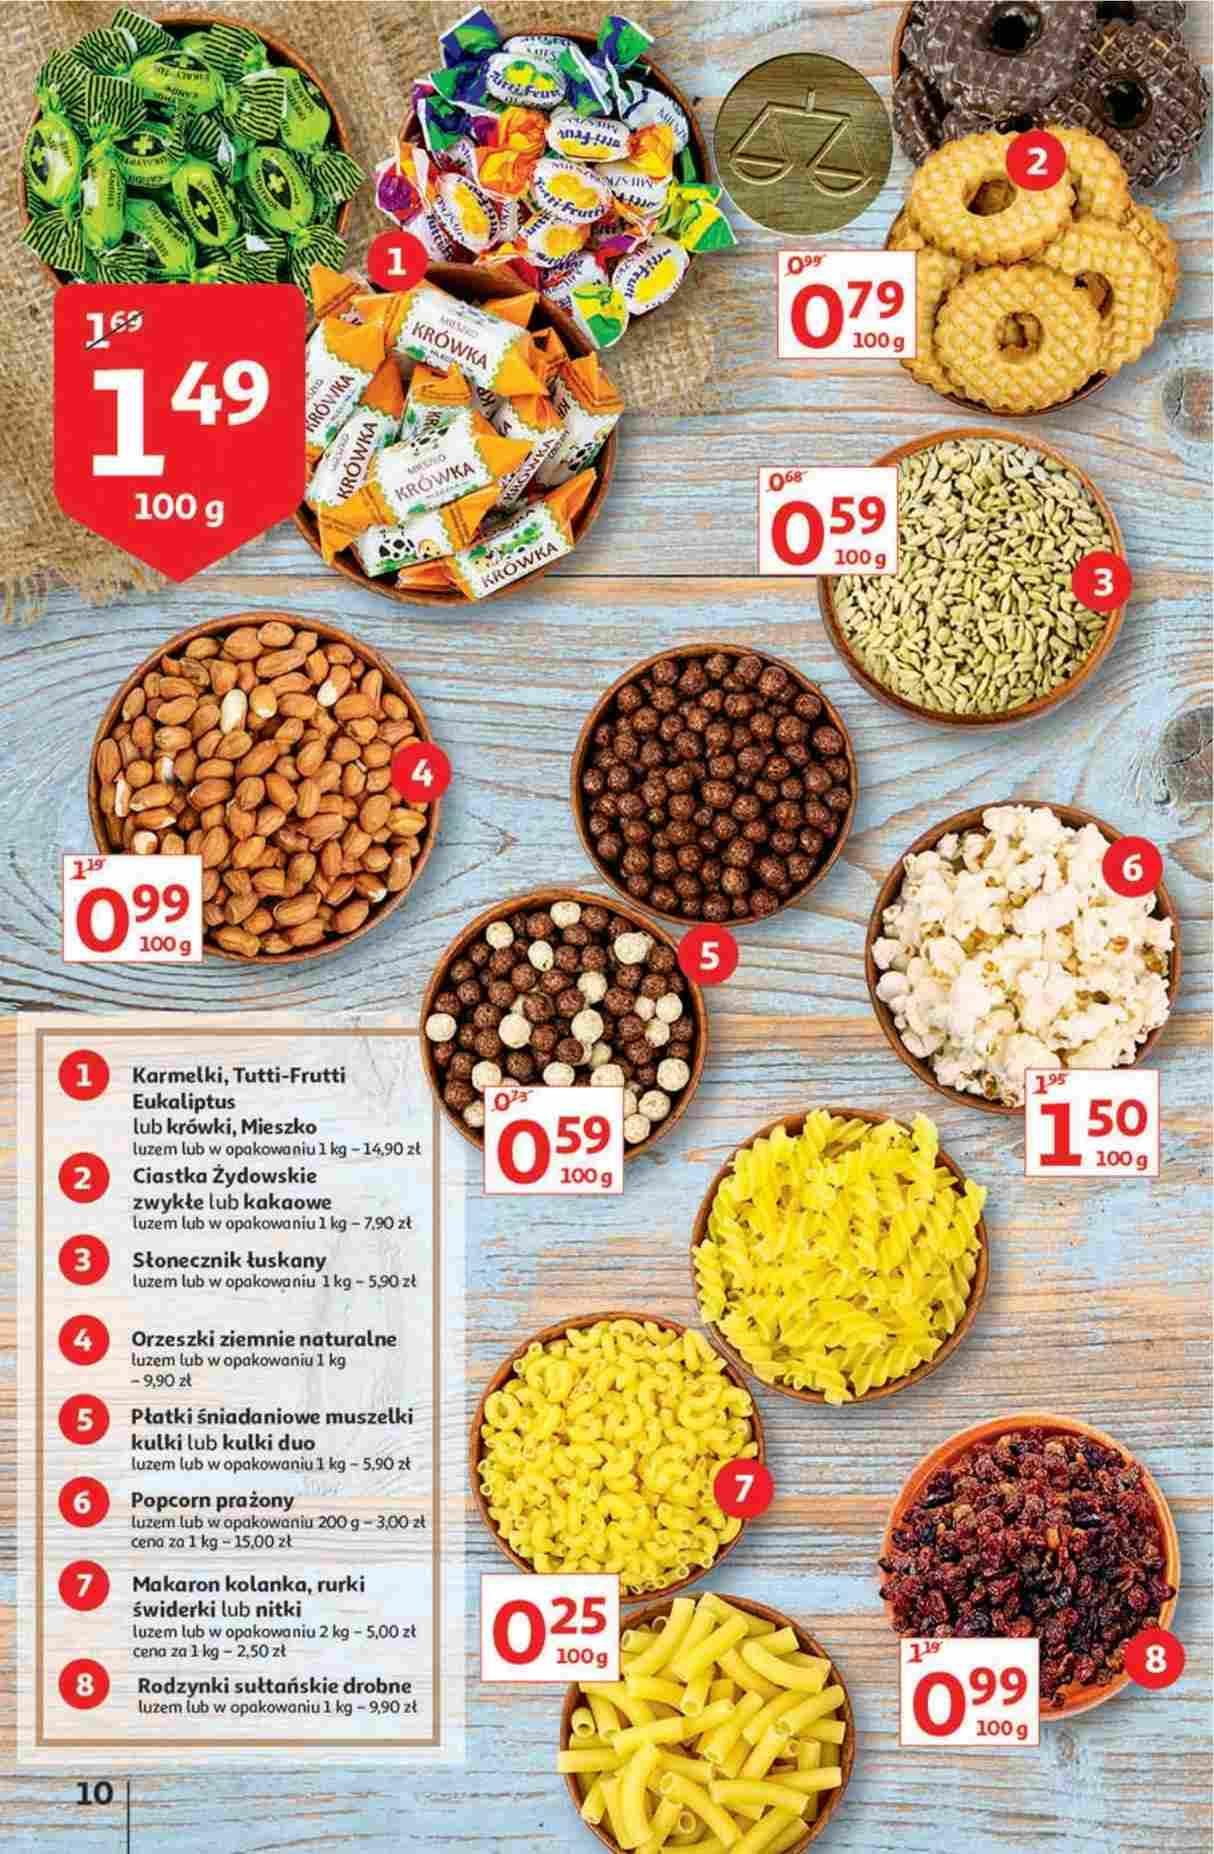 Gazetka promocyjna Auchan do 05/08/2020 str.9